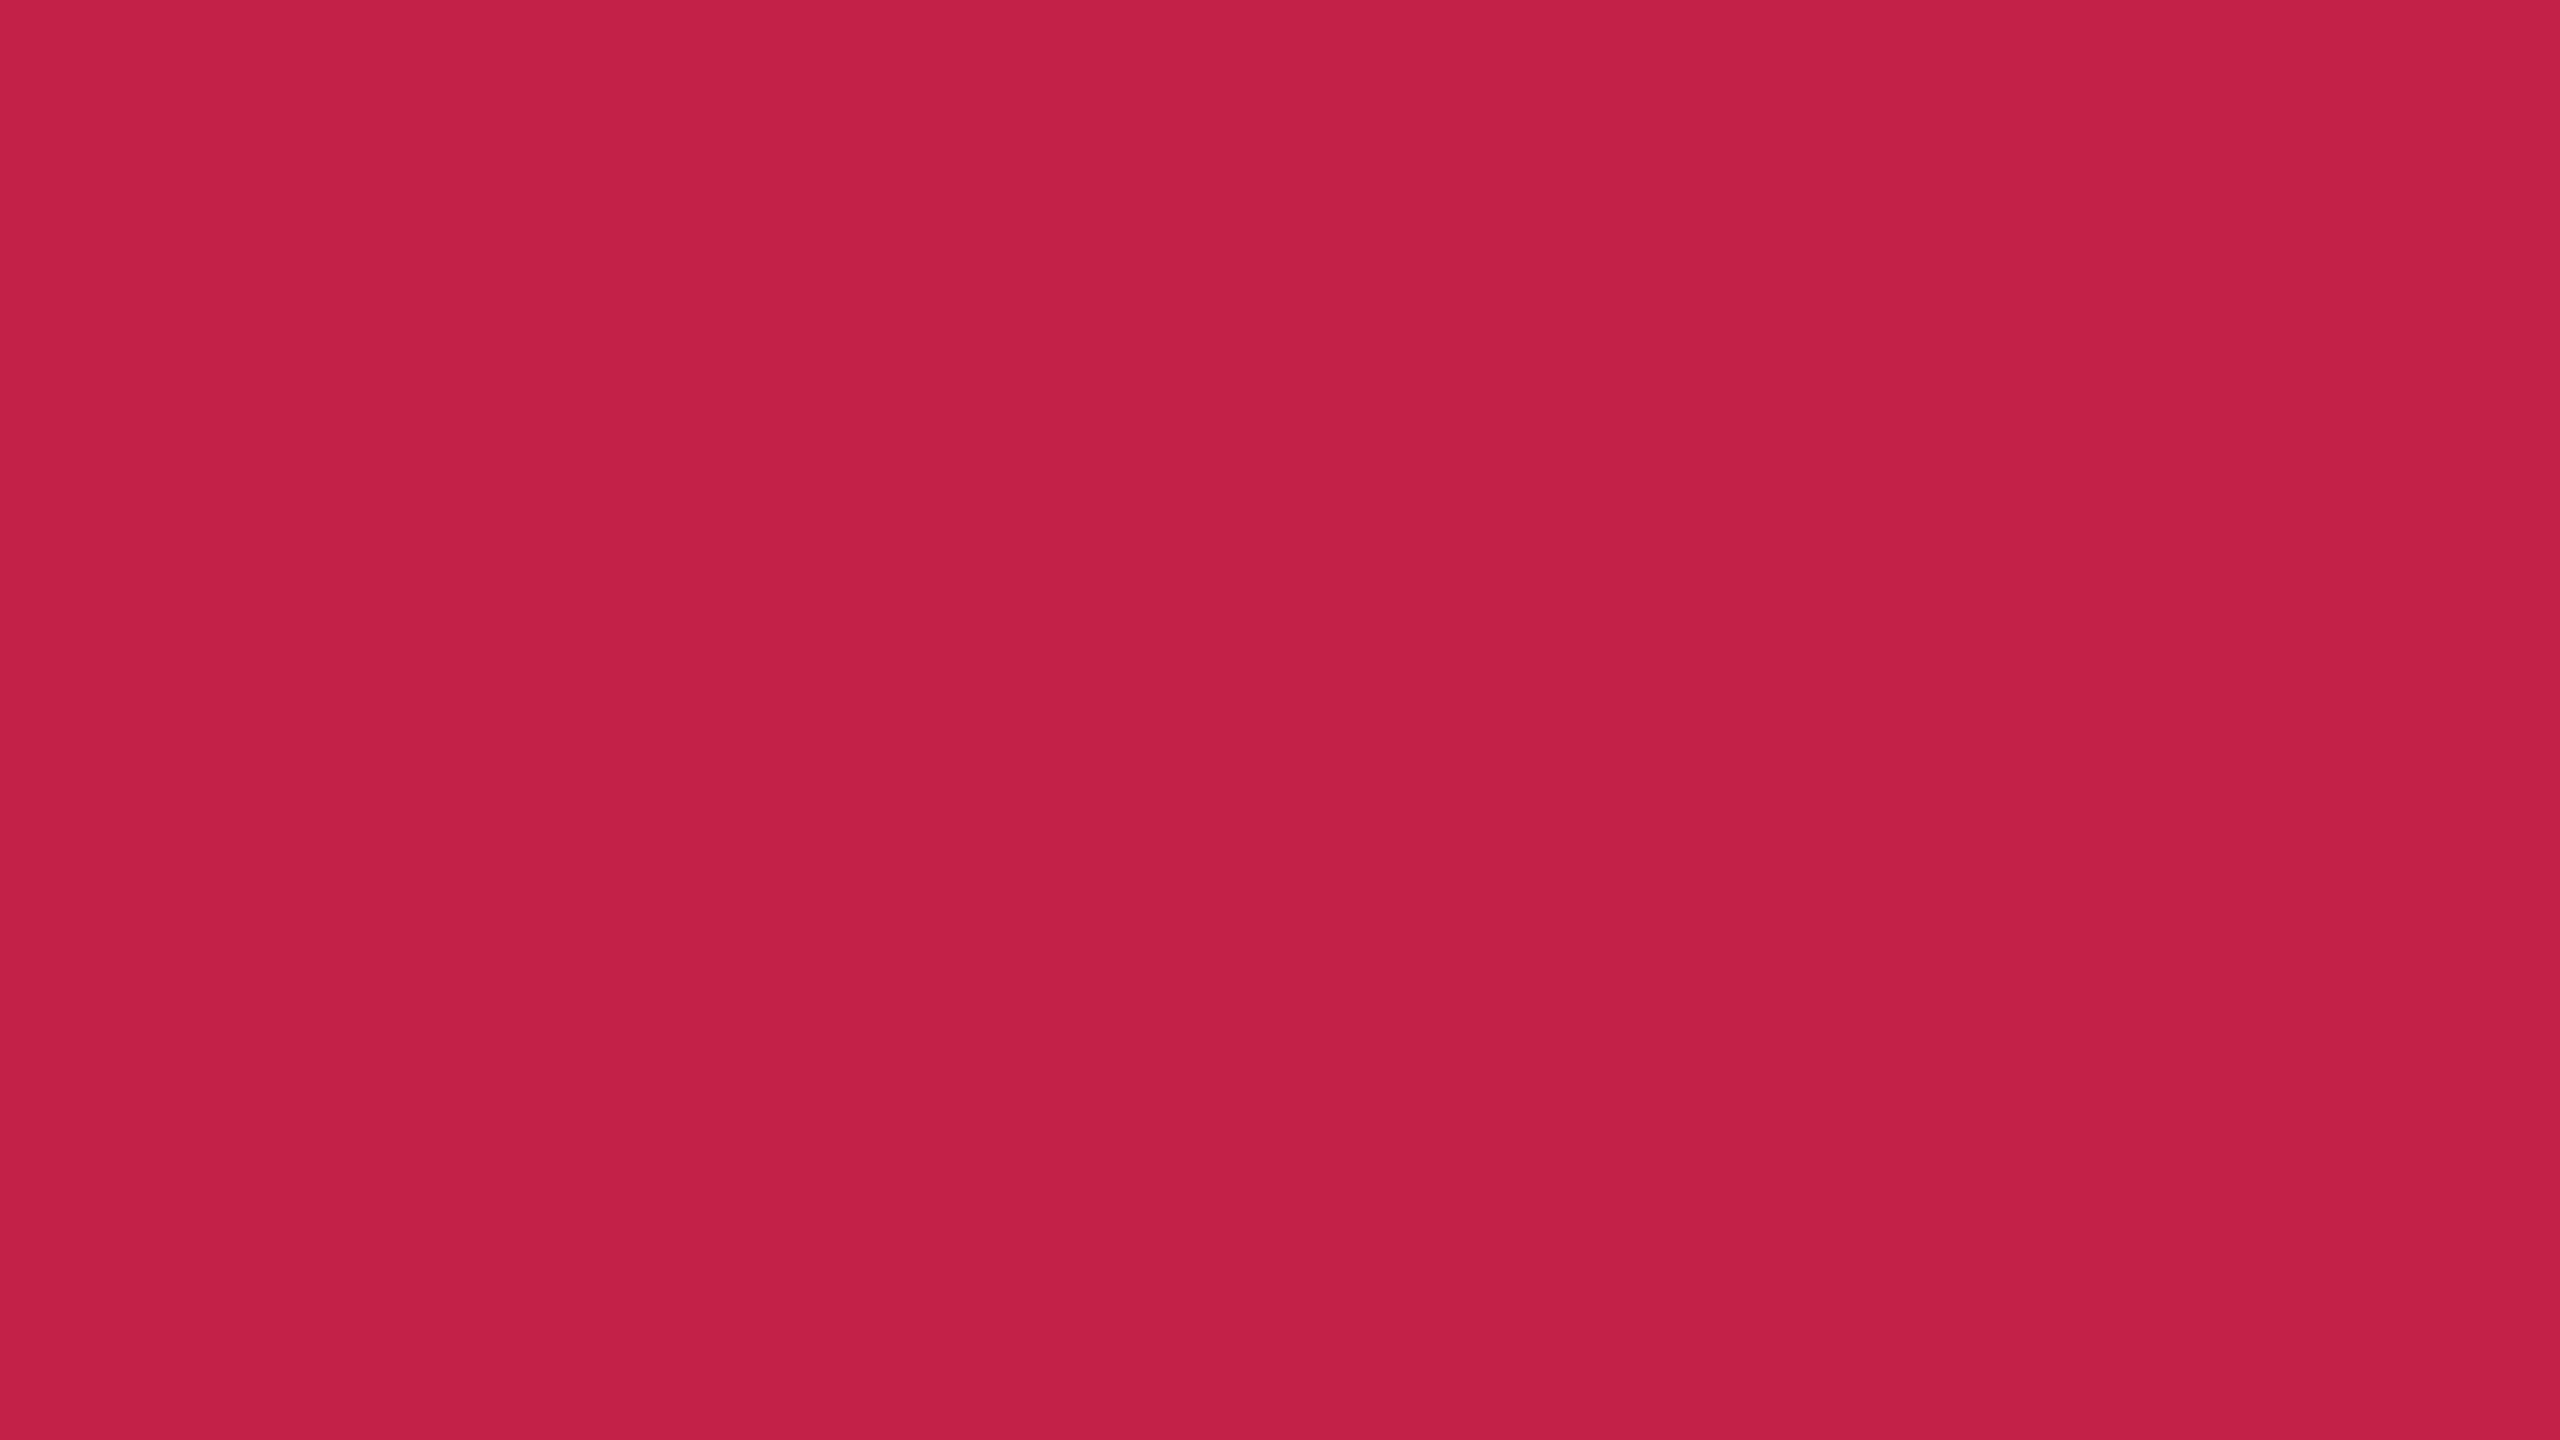 2560x1440 Maroon Crayola Solid Color Background